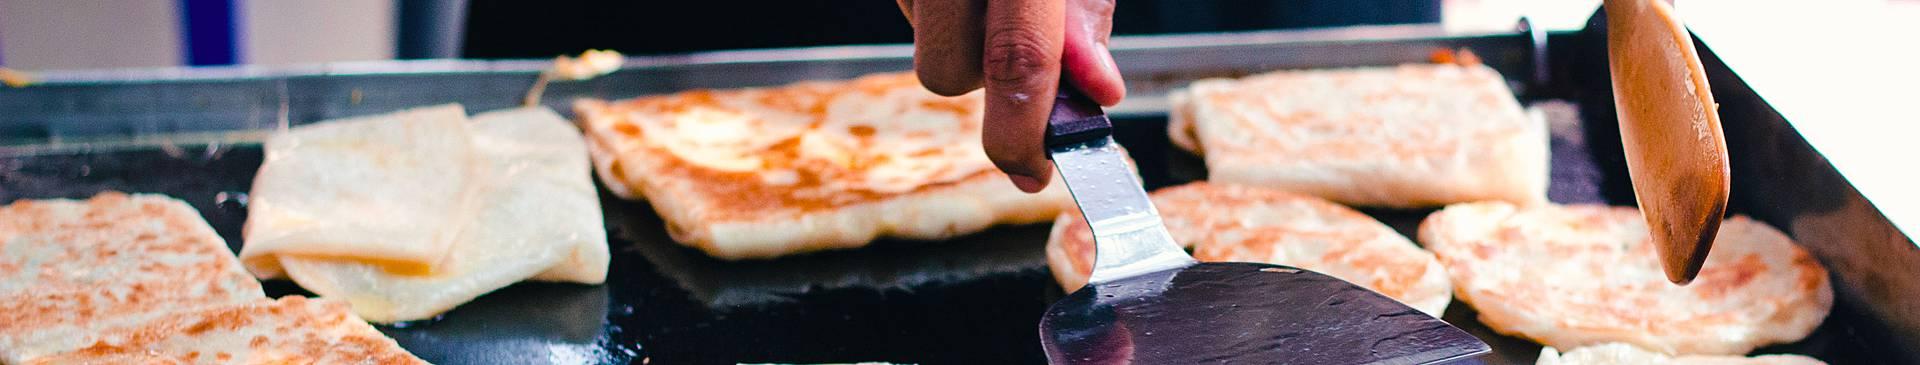 Rutas gastronómicas y enológicas por la India